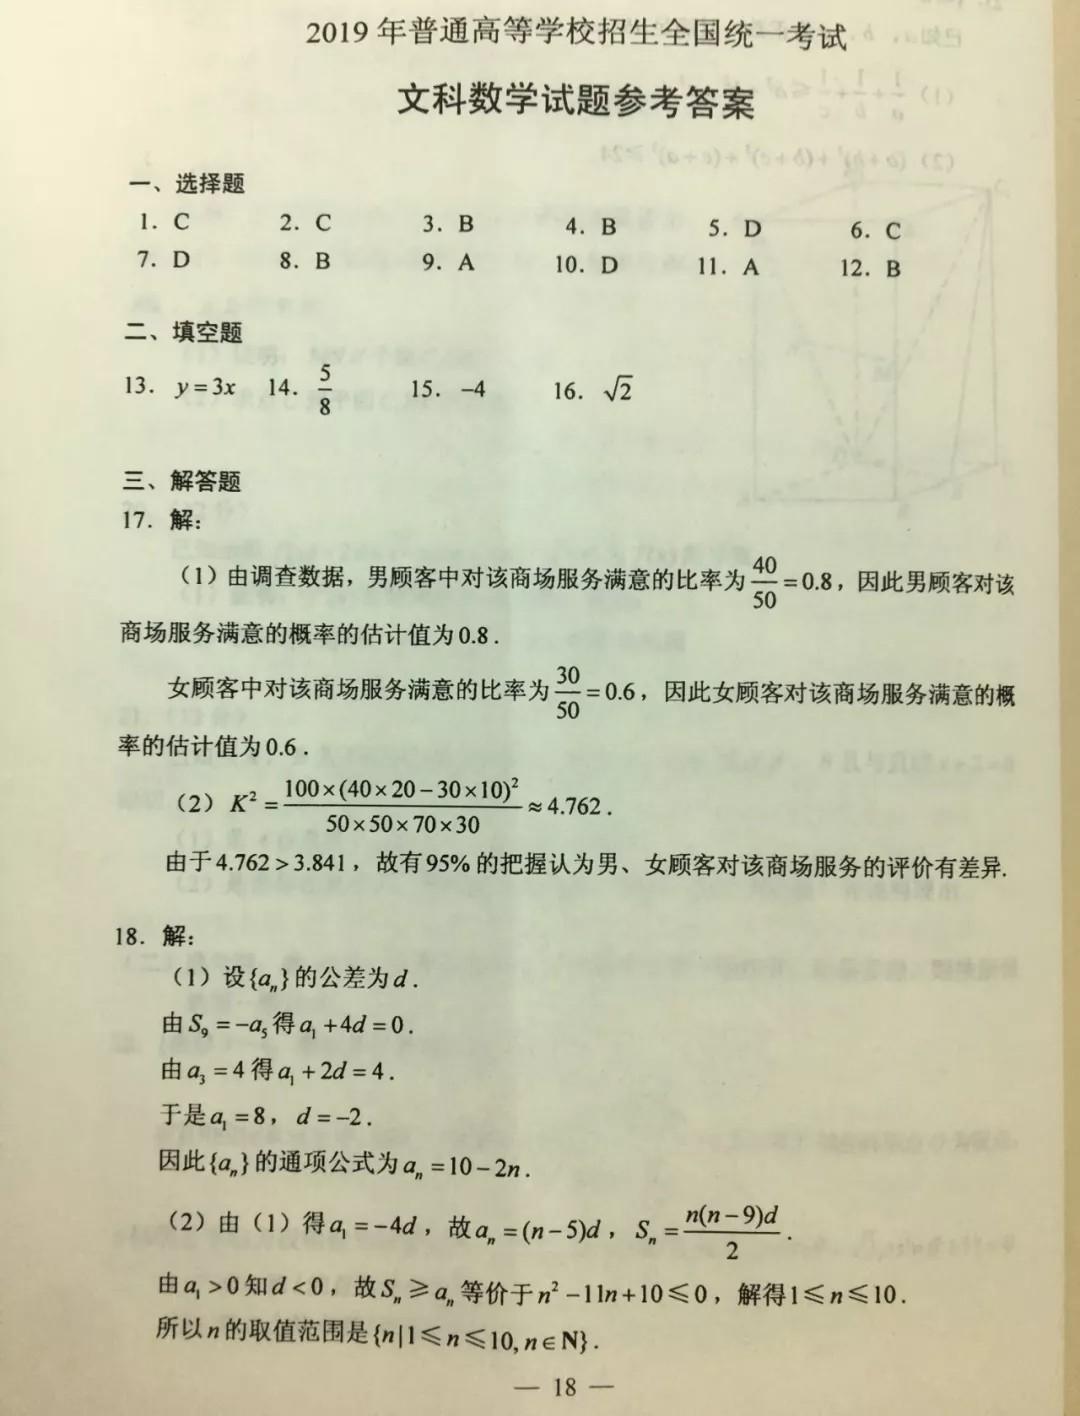 文科数学1.jpg